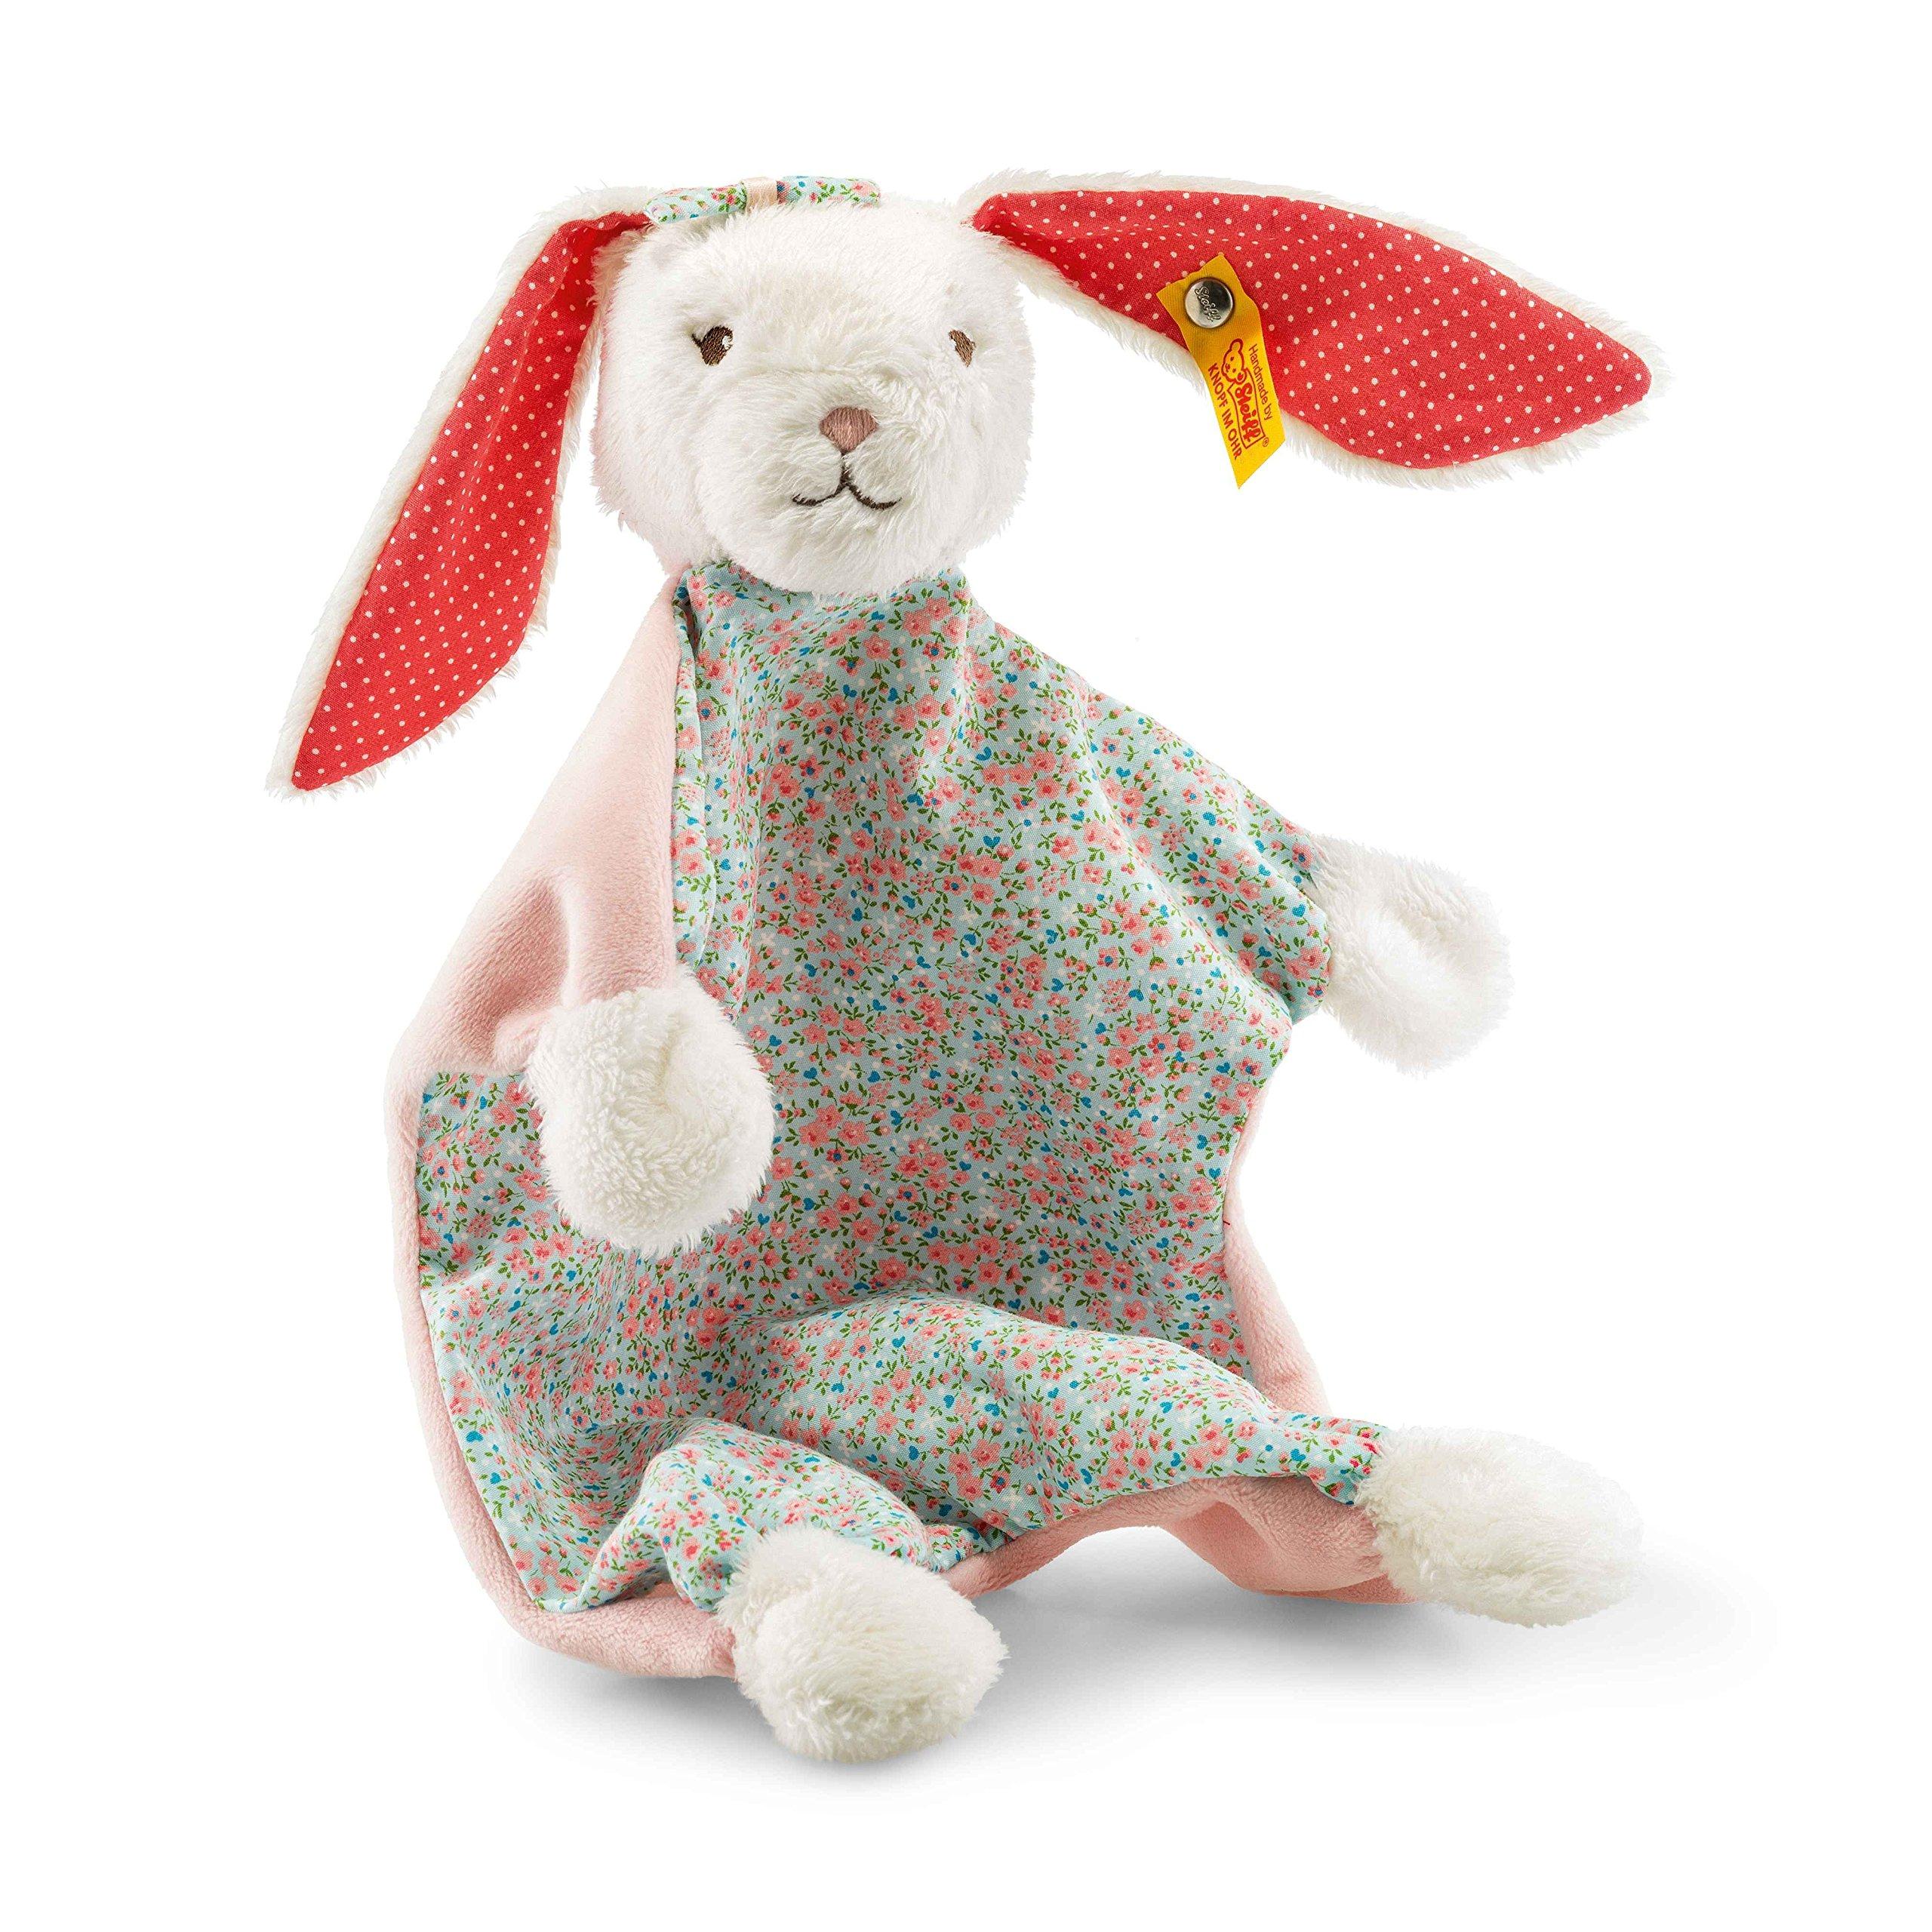 Steiff Blossom Babies Rabbit Comforter, White 241062